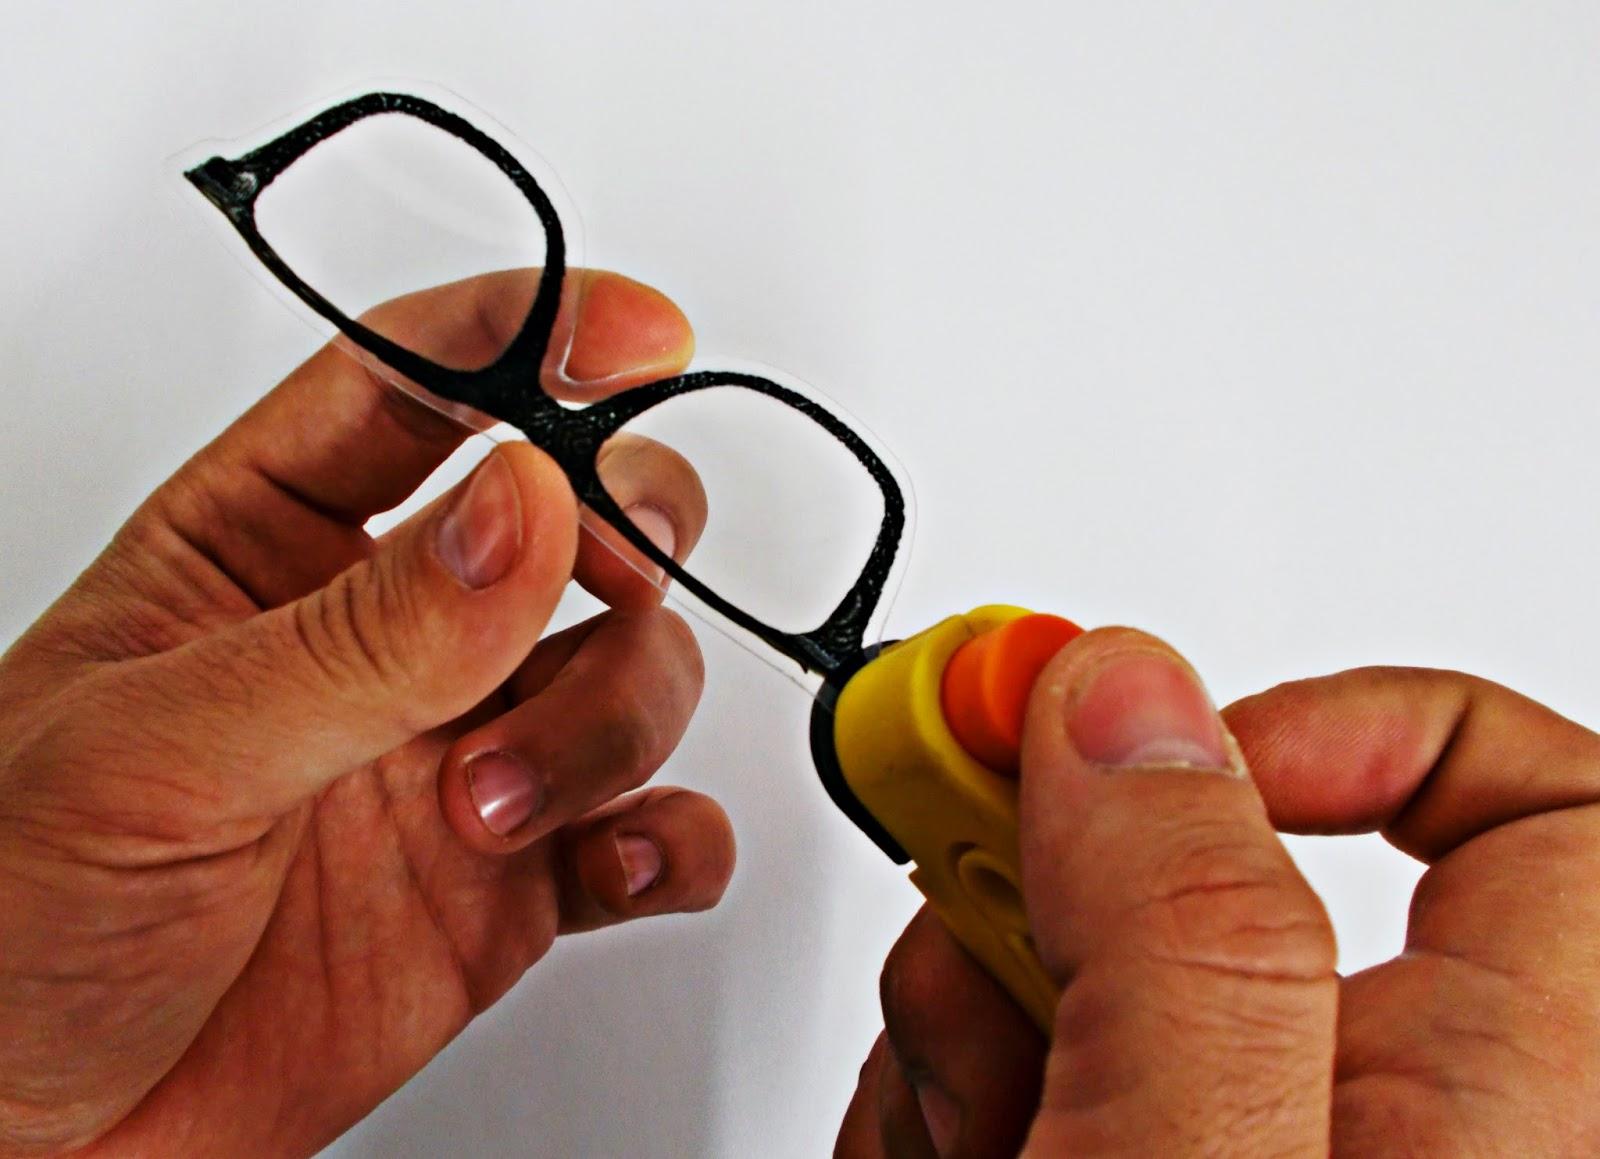 DIY-plástico mágico-plástico encogible-shrinkies-crystal clear-manualidades-charm-llavero-colgante-